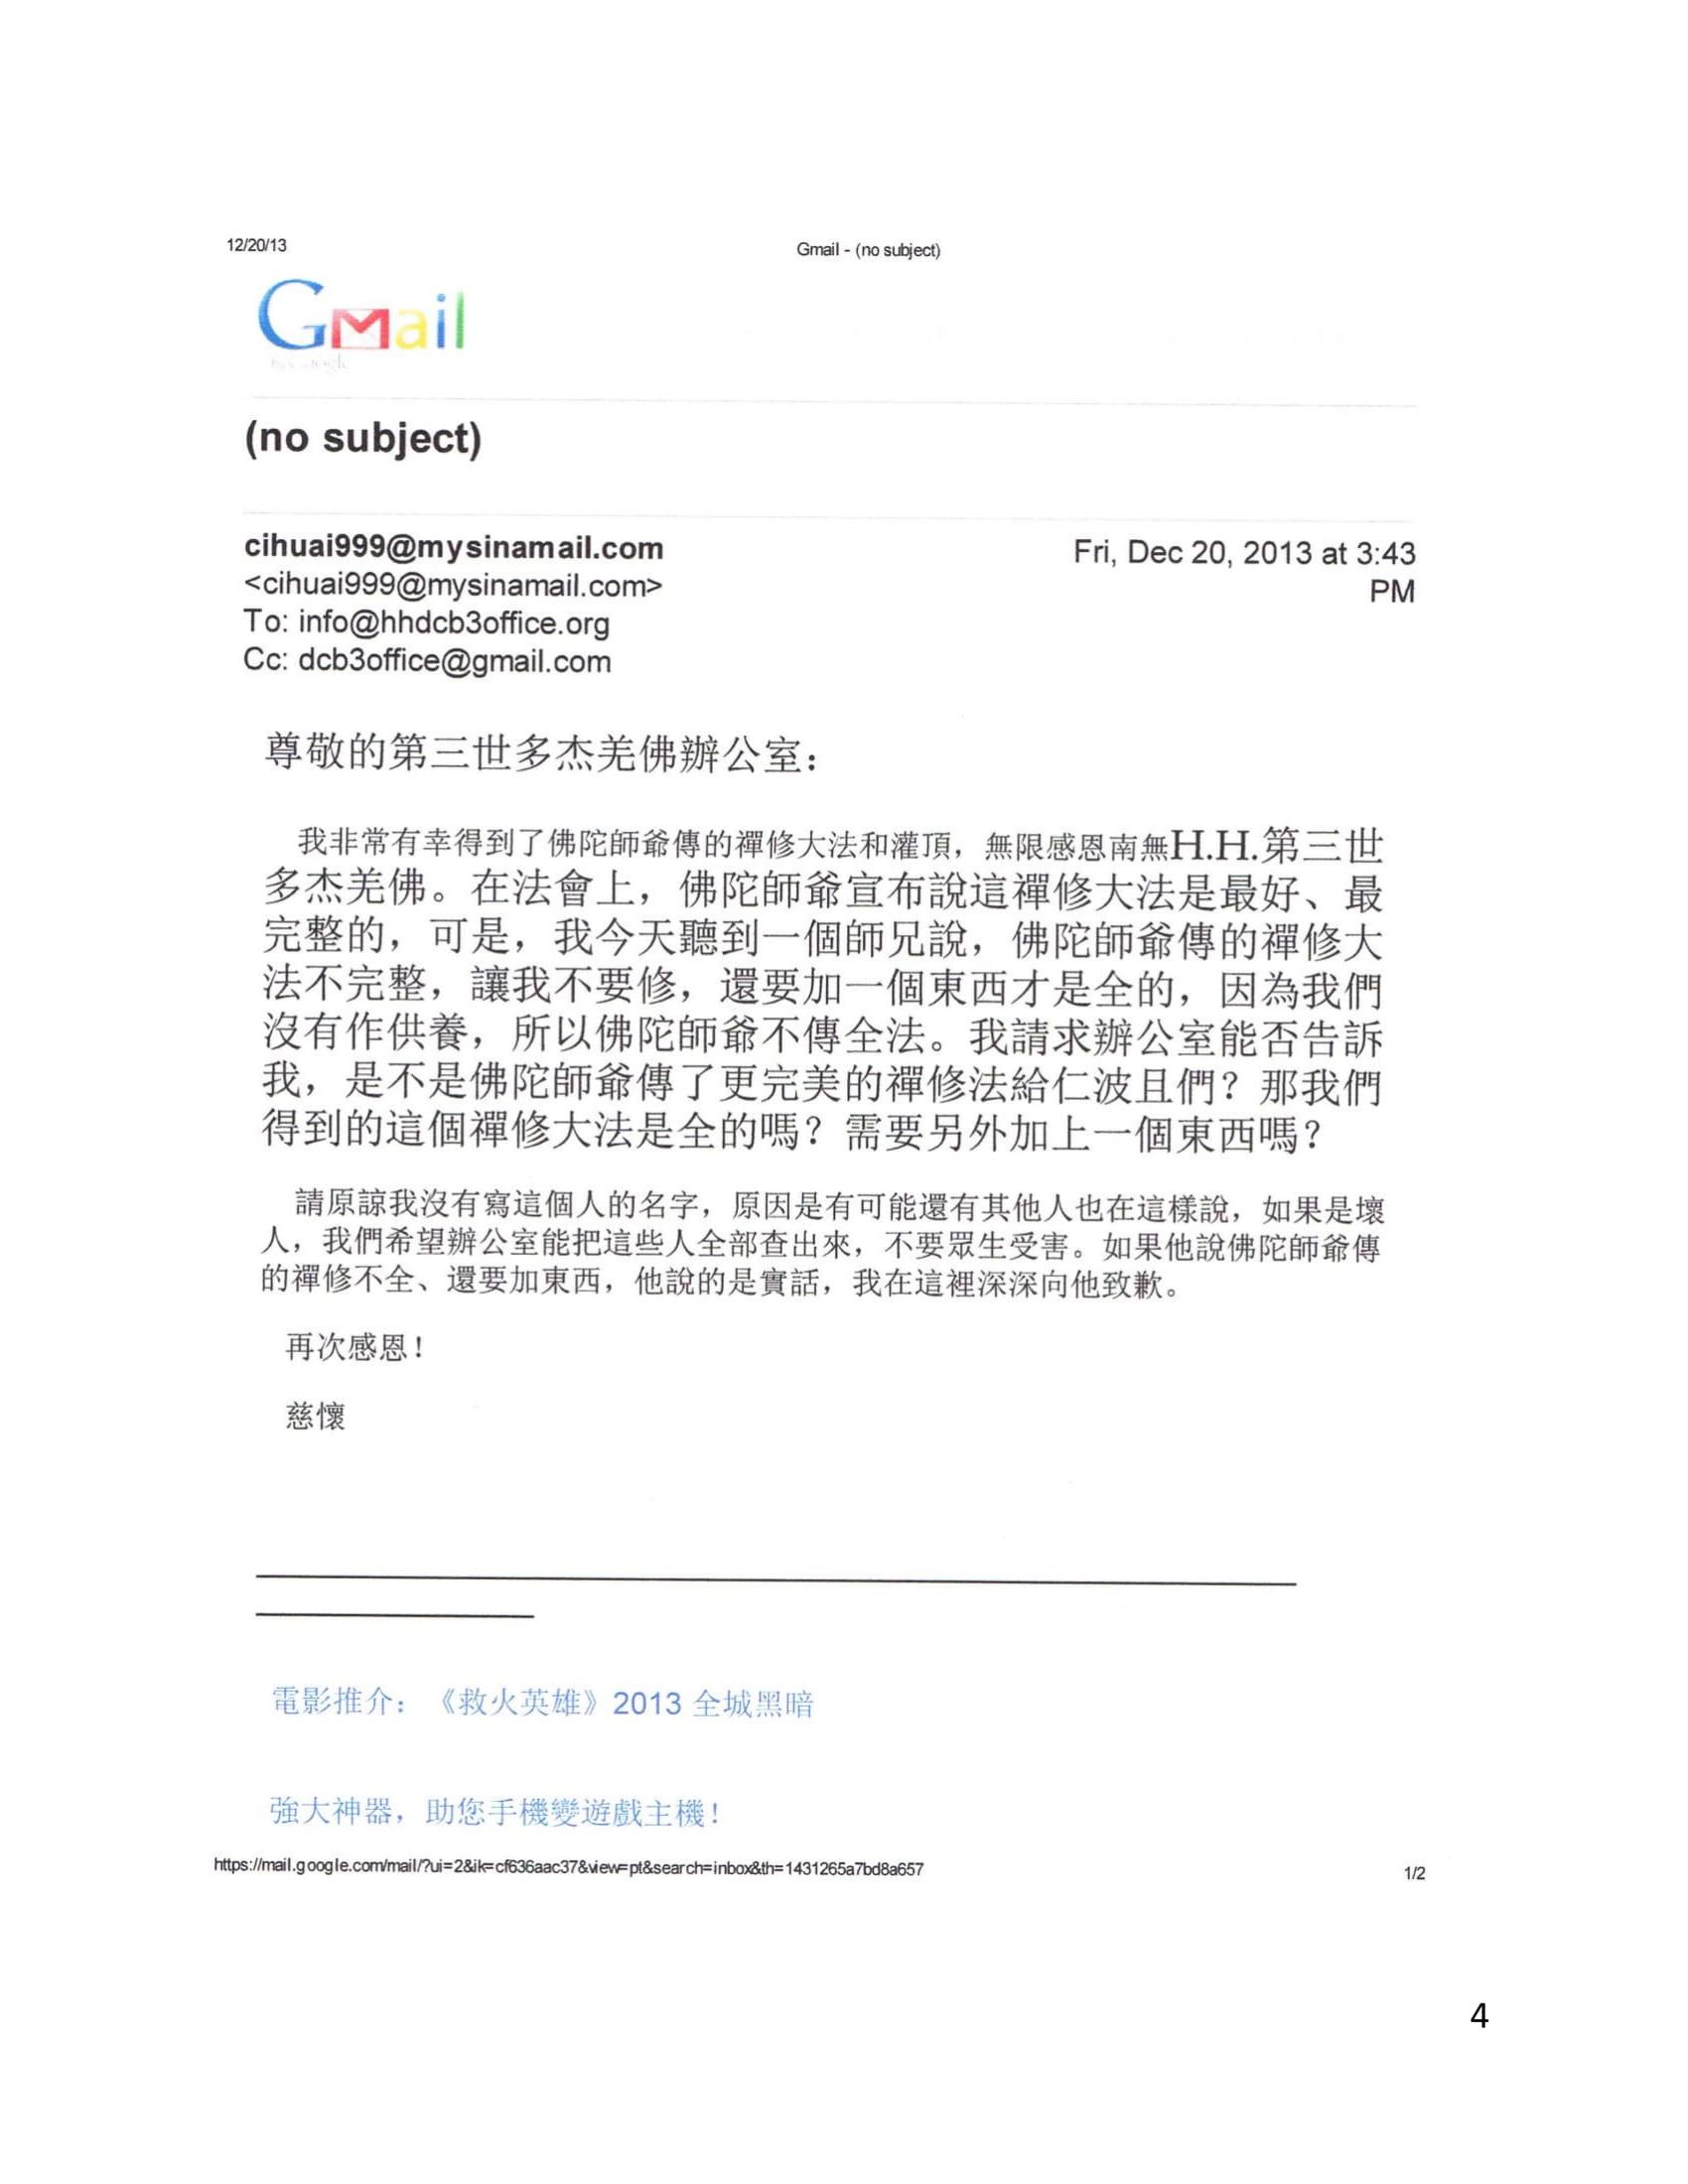 第三世多杰羌佛辦公室第三號來函印證-向辦公室請求印證的來信原文 H.H.第三世多杰羌佛 第三世多杰羌佛辦公室